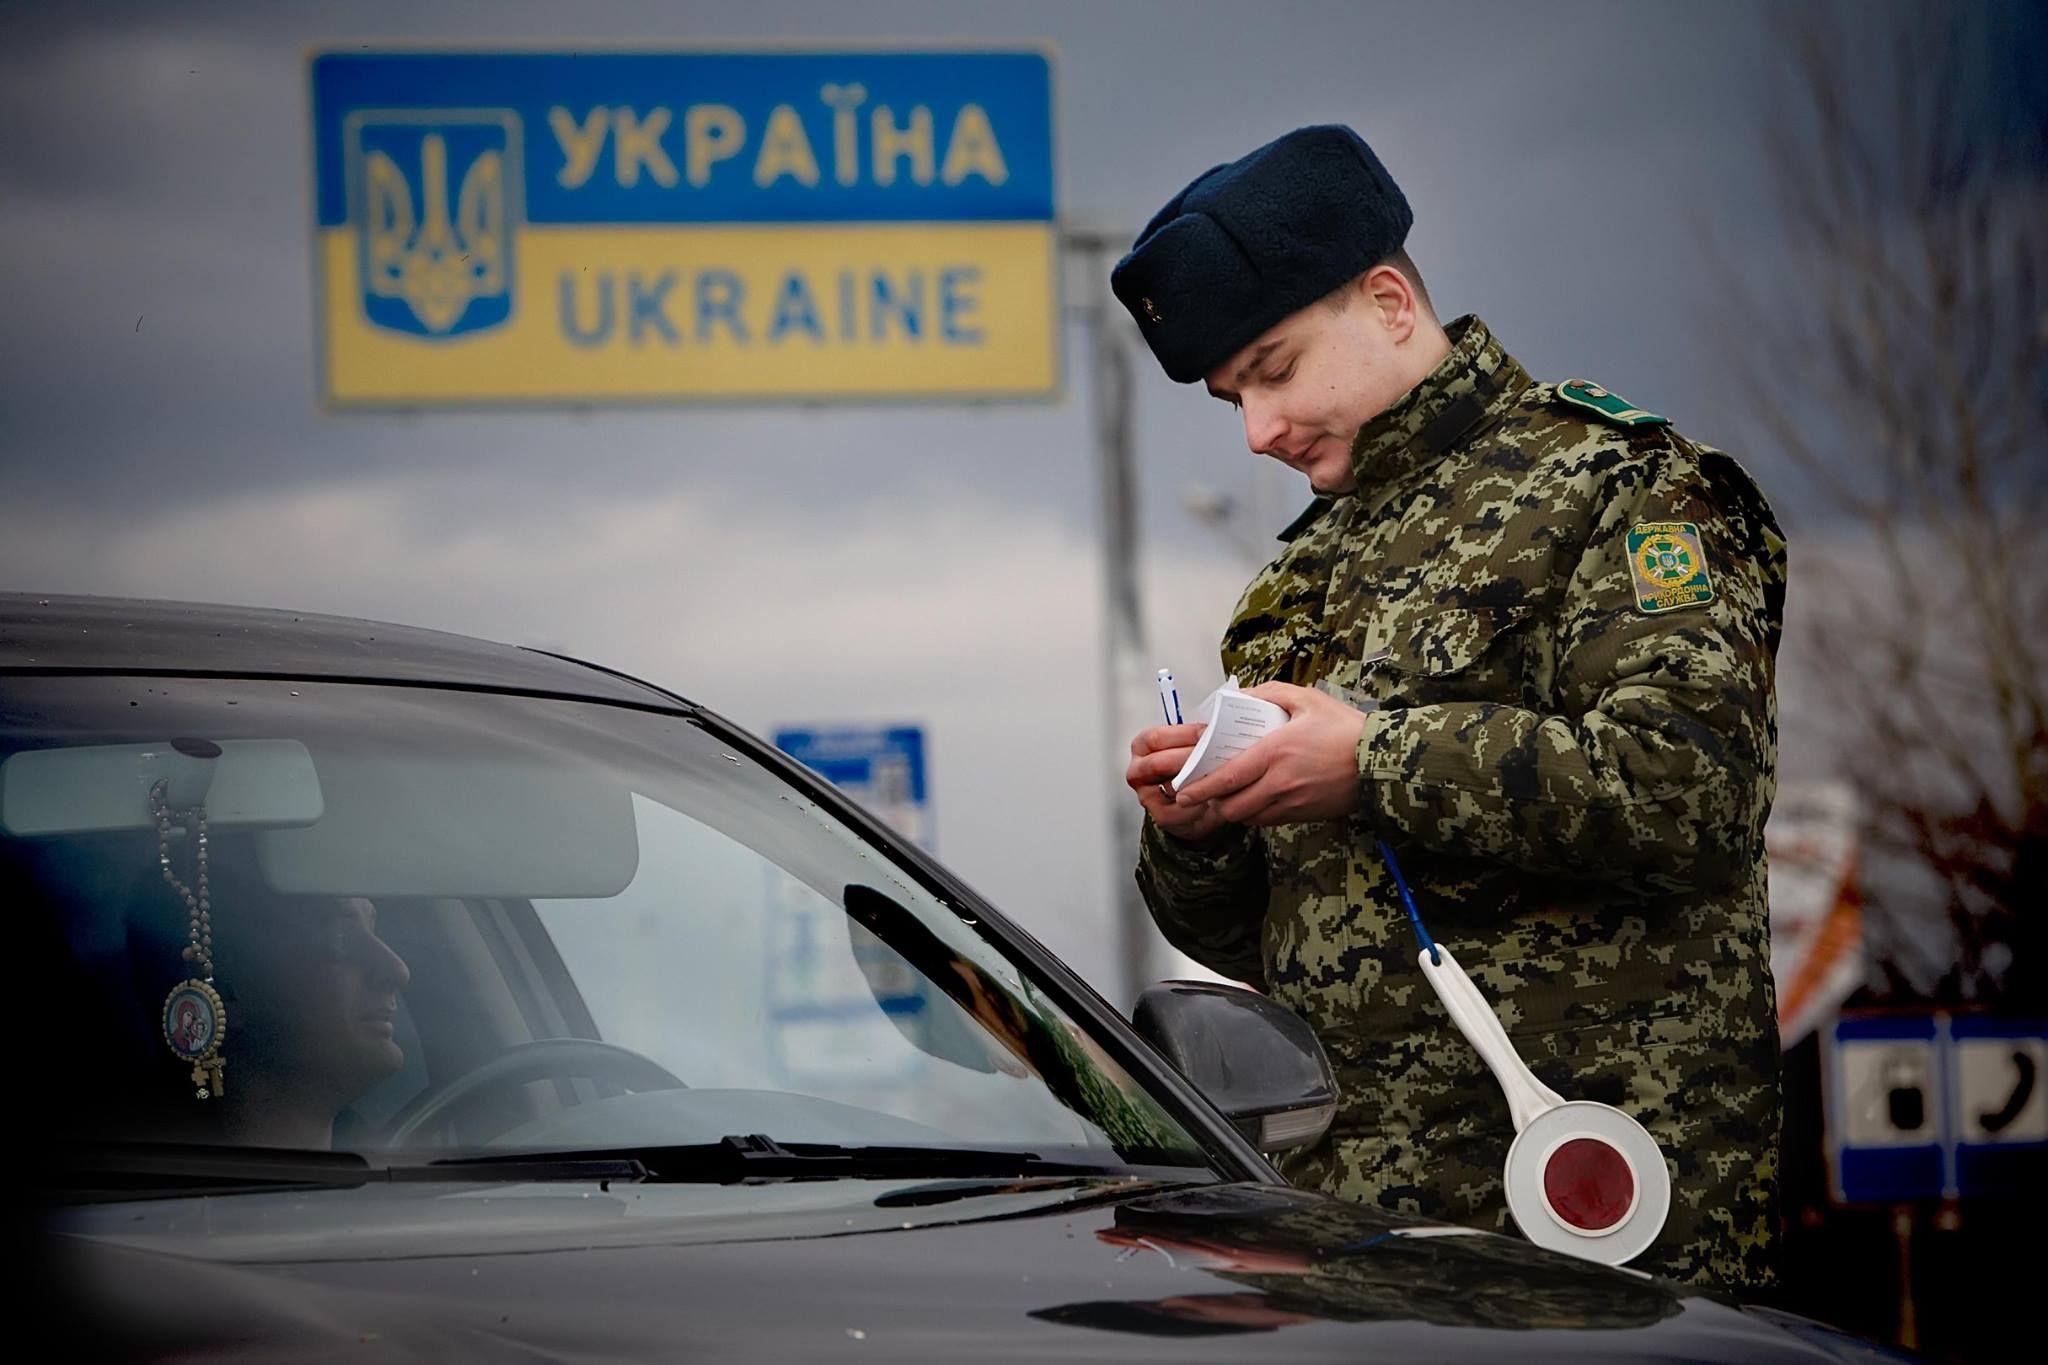 Нужна ли виза на украину для россиян в 2020 году